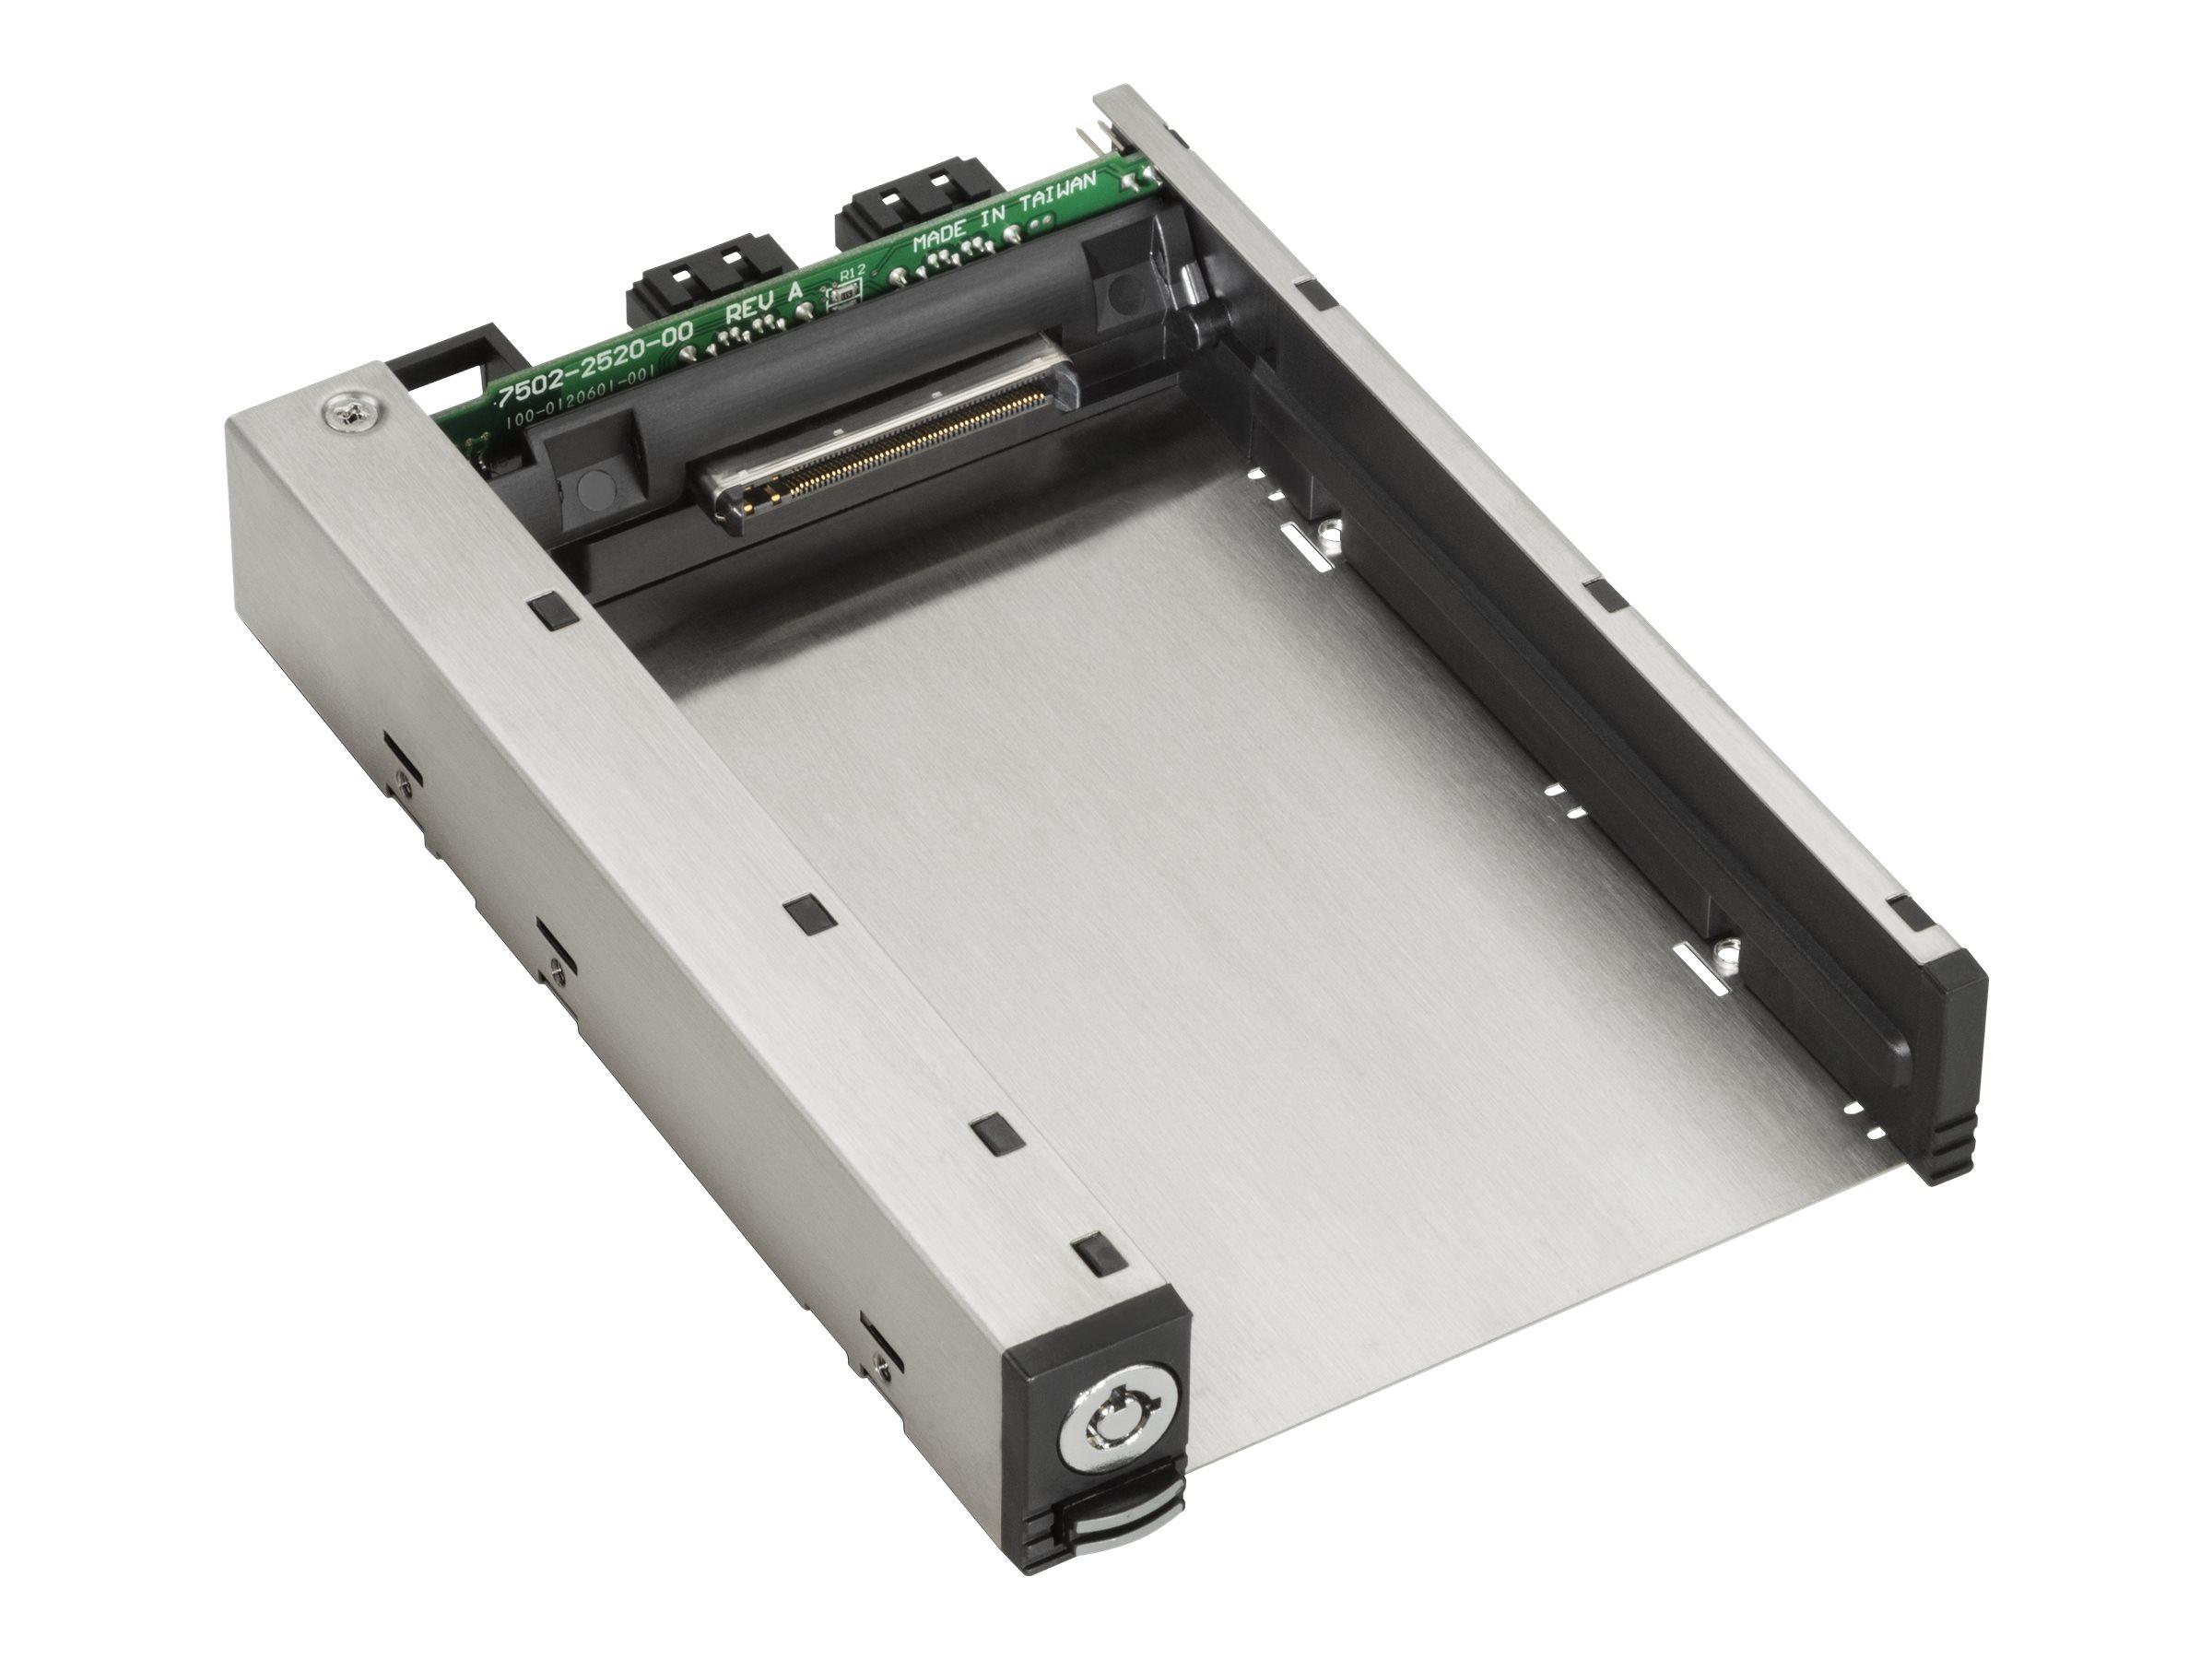 HP DP25 Removable HDD Spare Carrier - Träger für Speicherlaufwerk (Caddy) - 2.5